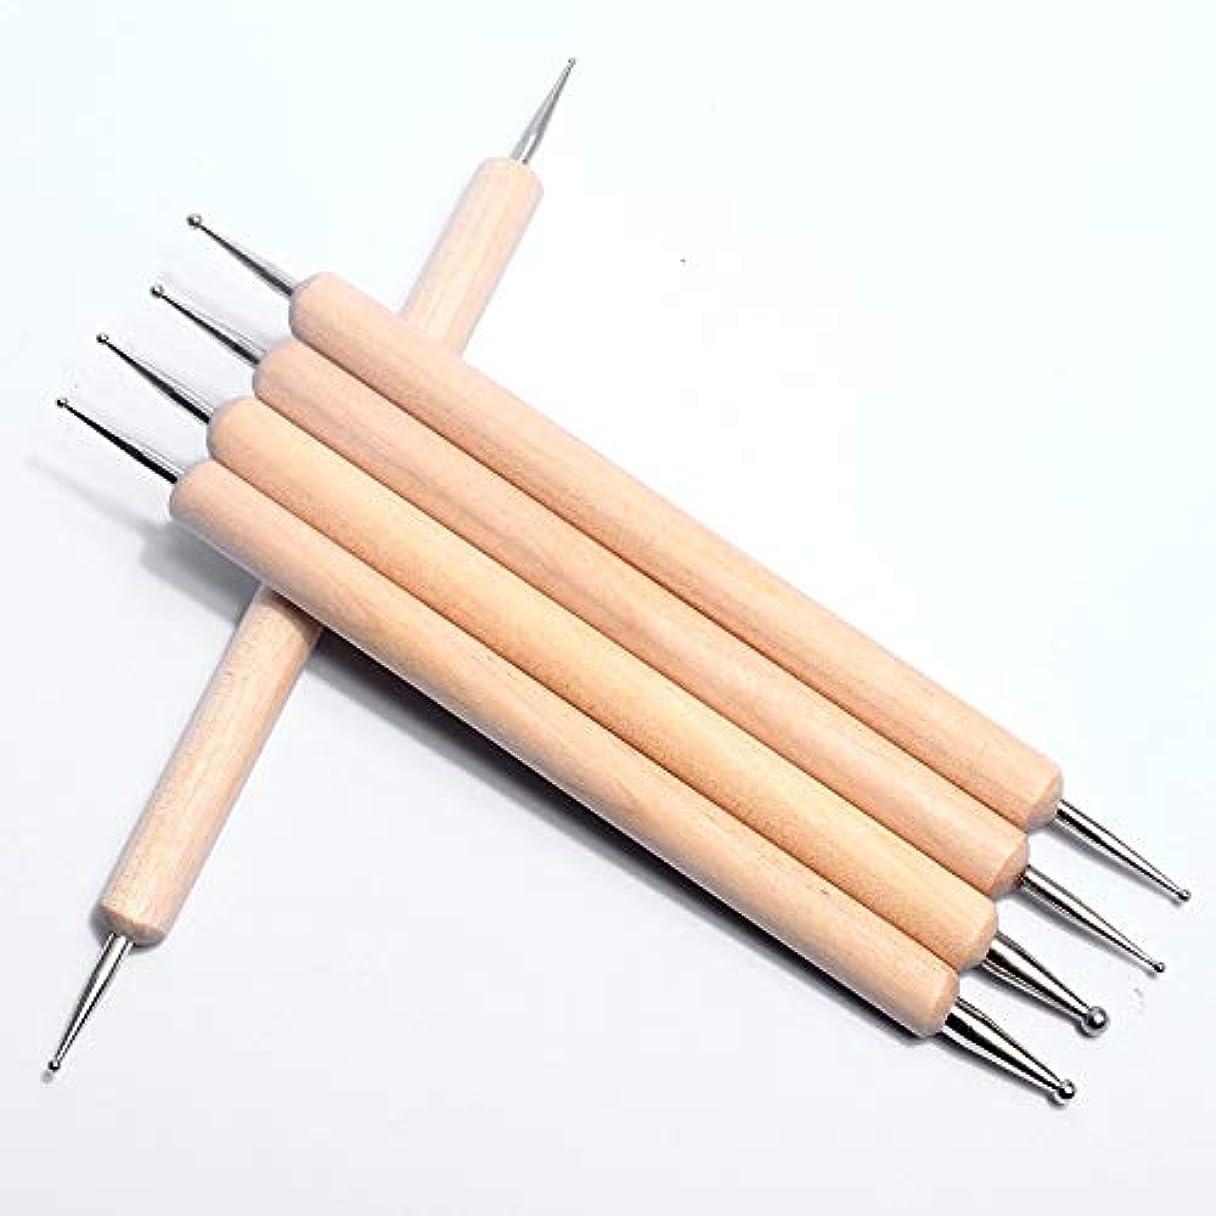 急流定期的にめったにKerwinner 木製ボールスタイラスドットペンネイルアートデザインツールセット用マニキュアエンボスパターン粘土彫刻モデリングツール5PC